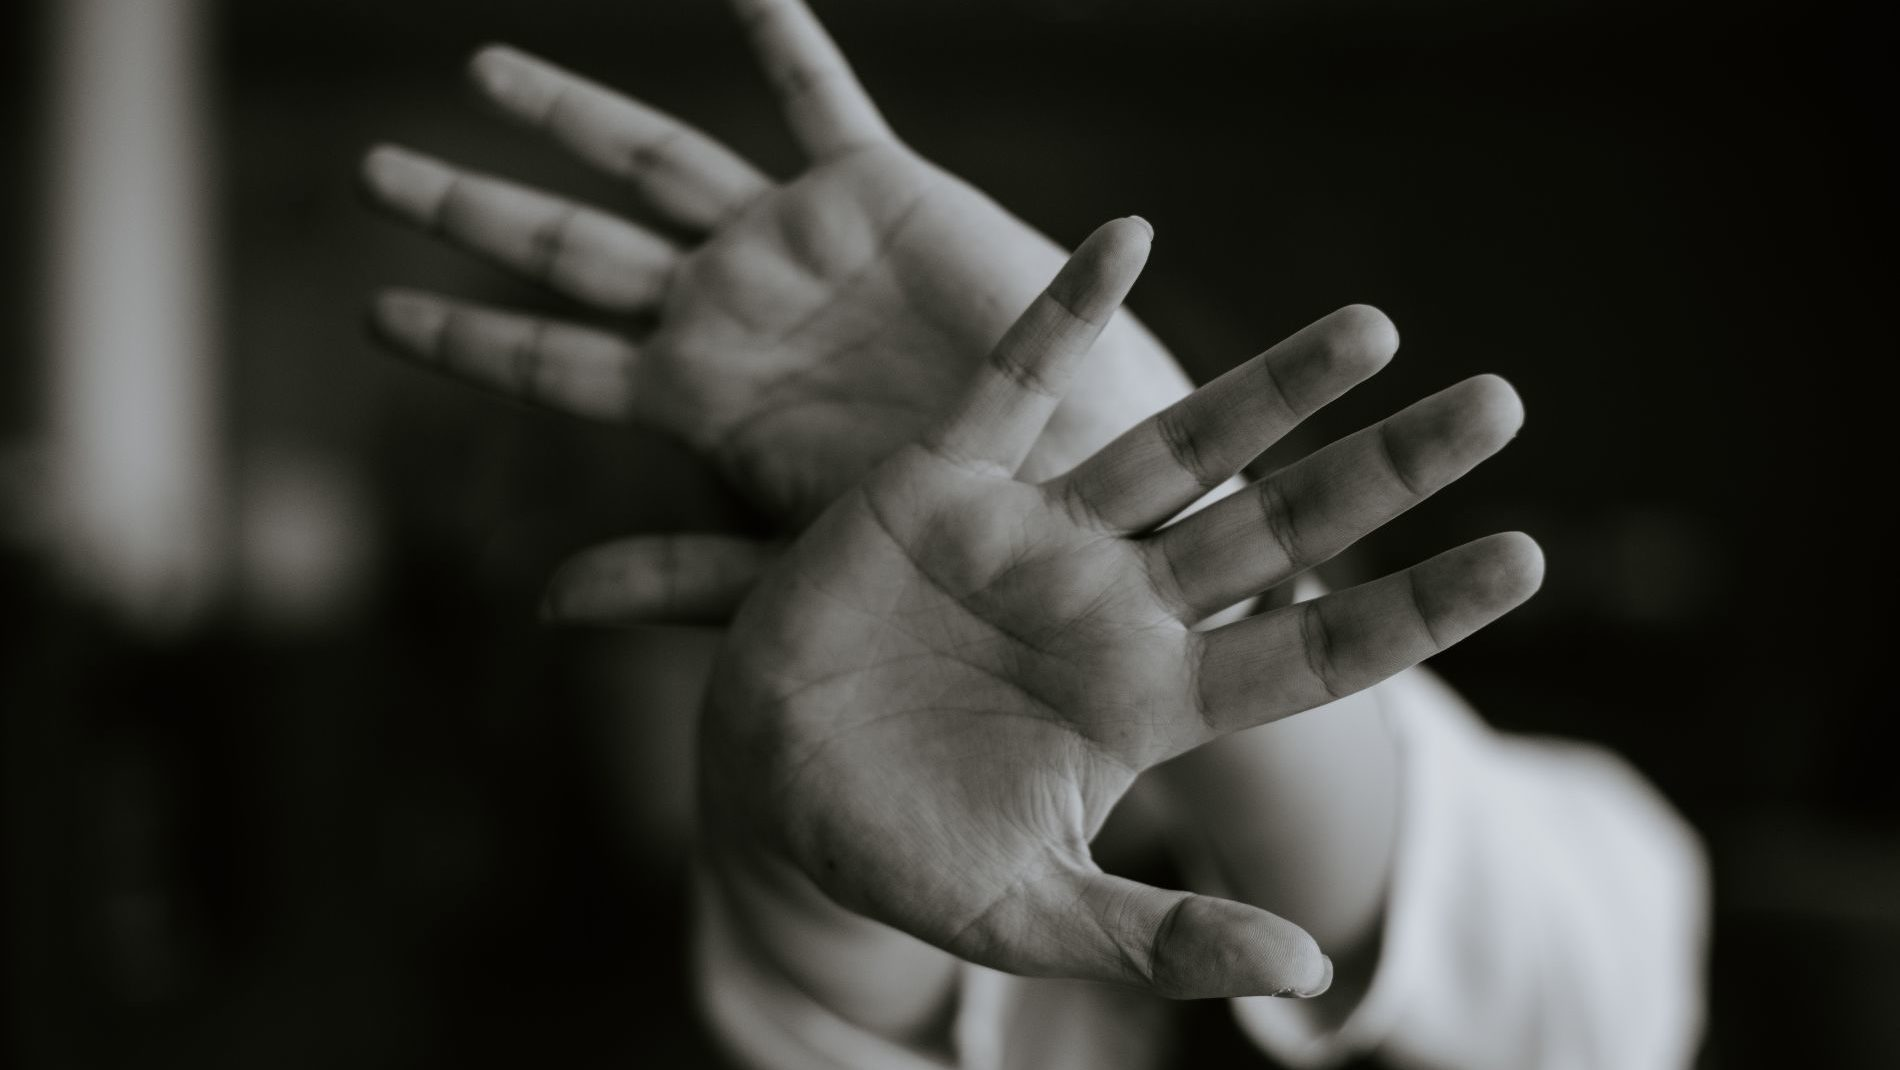 В Запорожье изнасиловали девушку: полиция просит о помощи в поисках преступника, – ФОТО